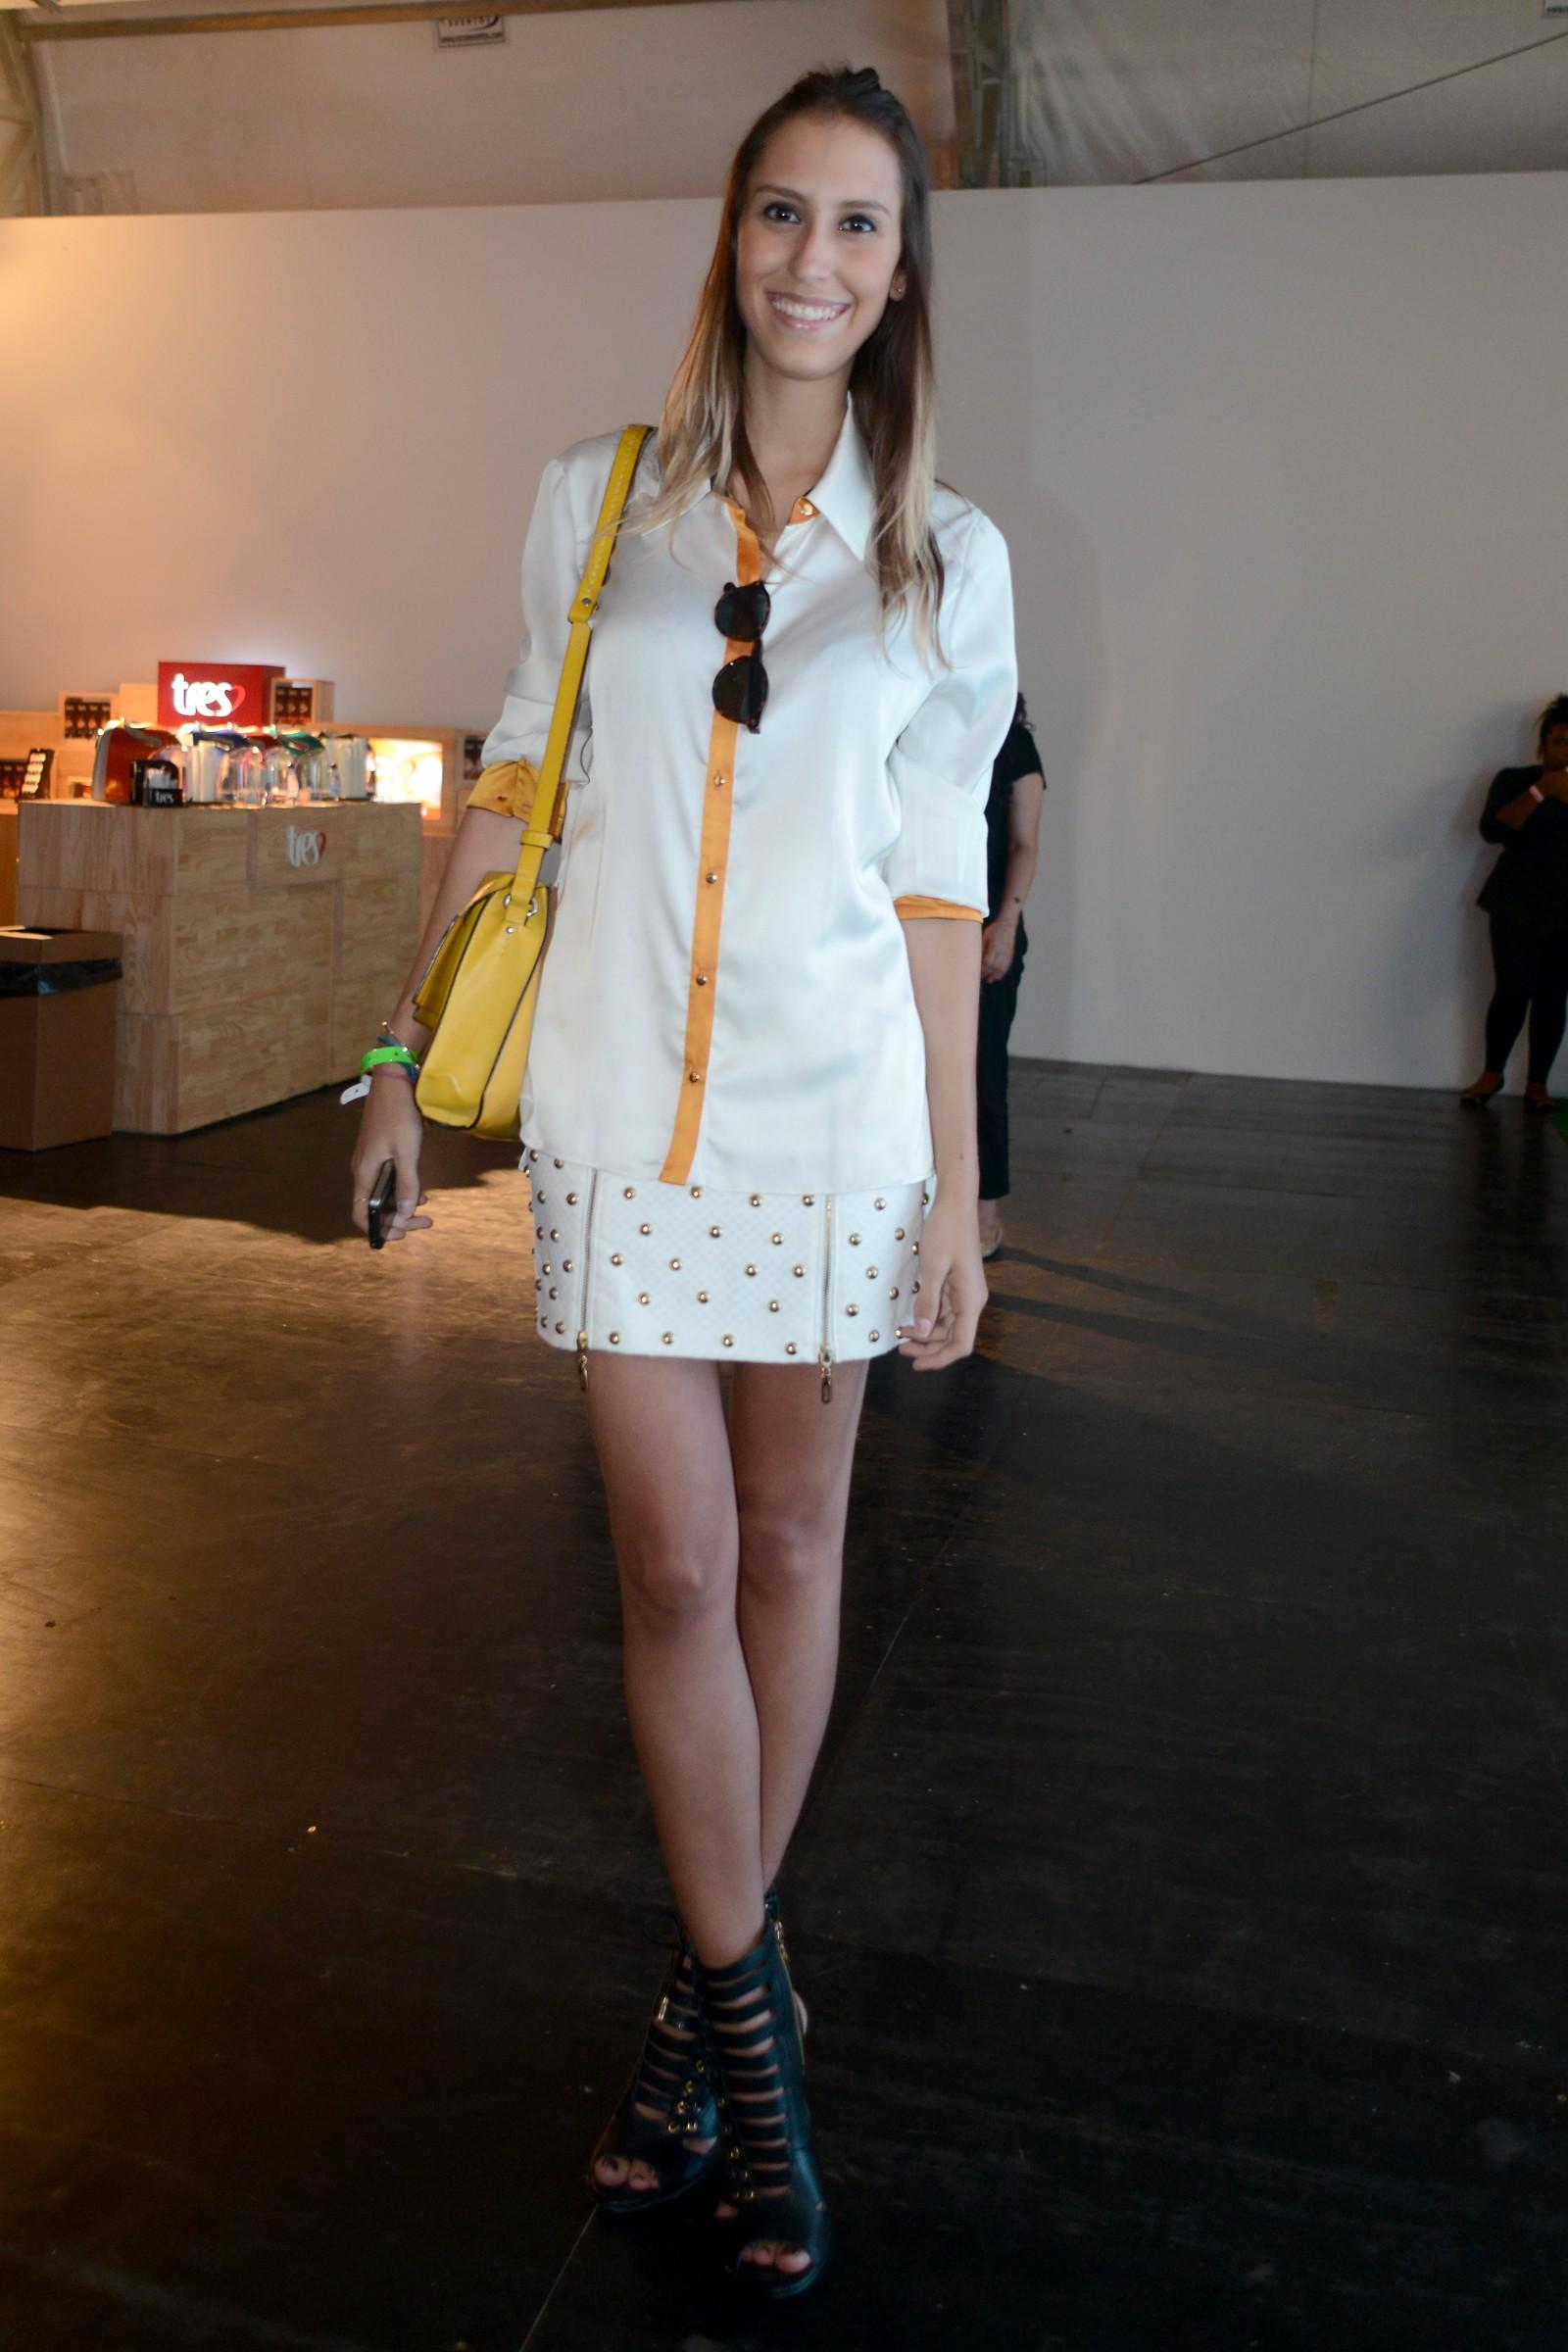 Fashionistas investem em looks curtos como resposta para polêmica pesquisa do Ipea sobre machismo